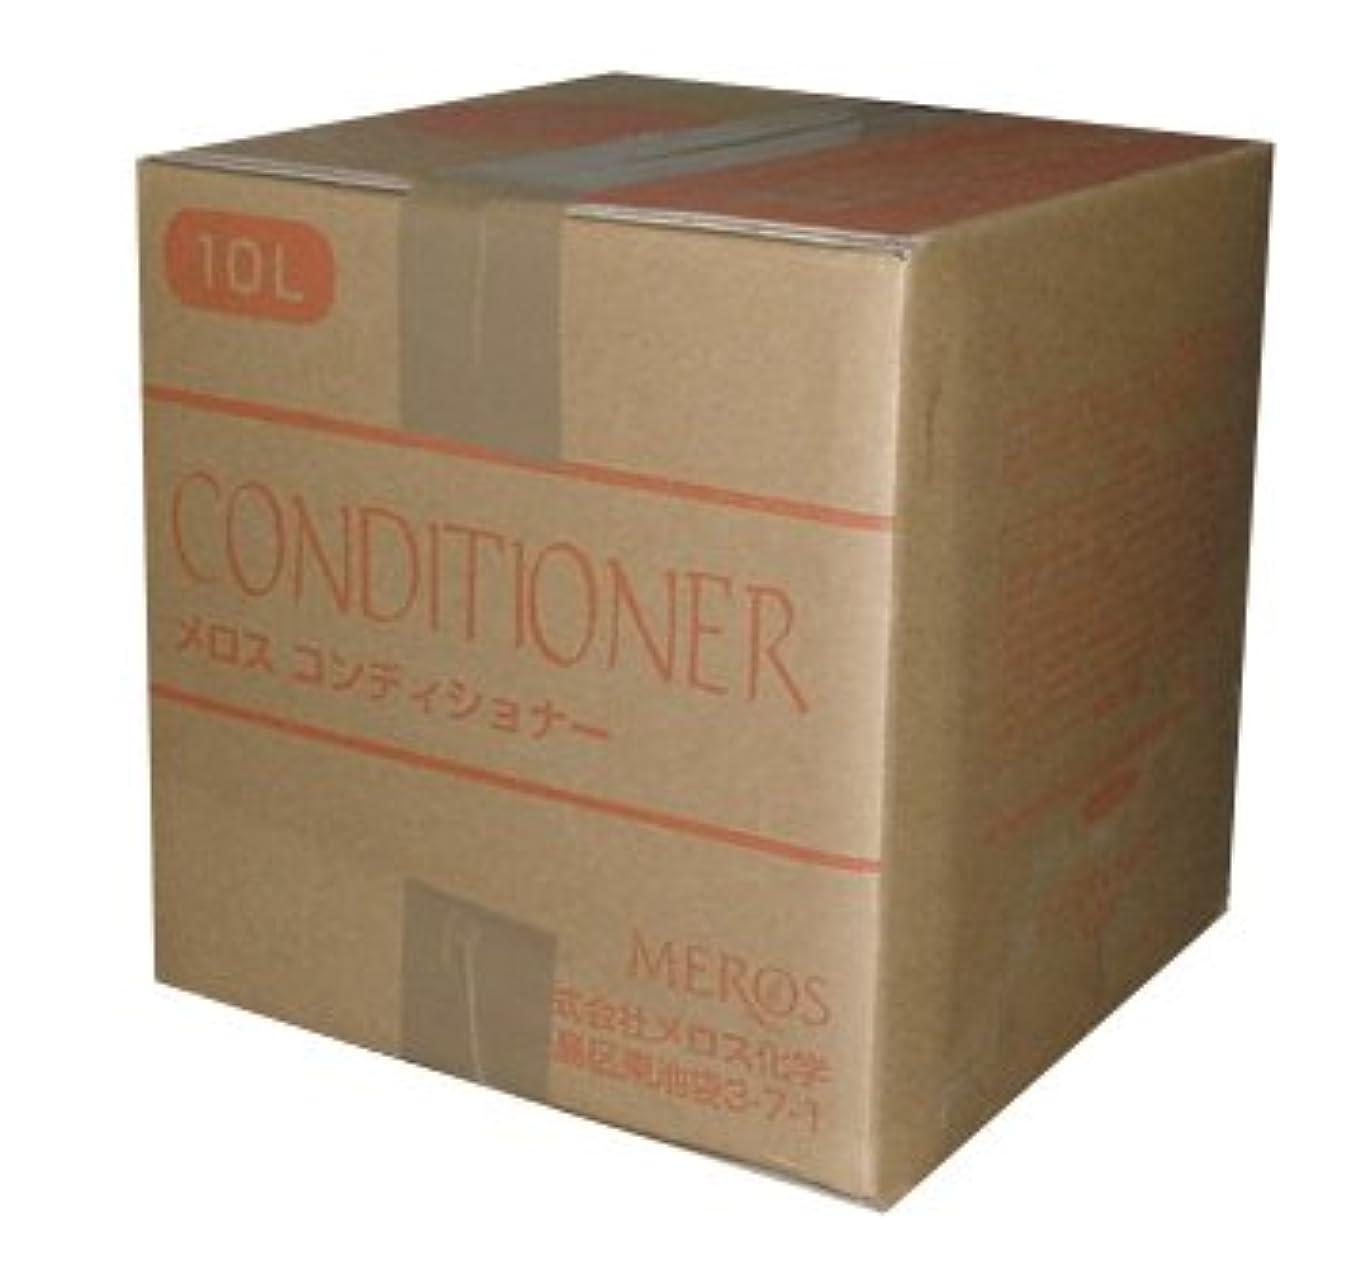 大事にする販売計画幻滅メロス コンディショナー 業務用 10L / 詰め替え (メロス化学)業務用コンディショナー